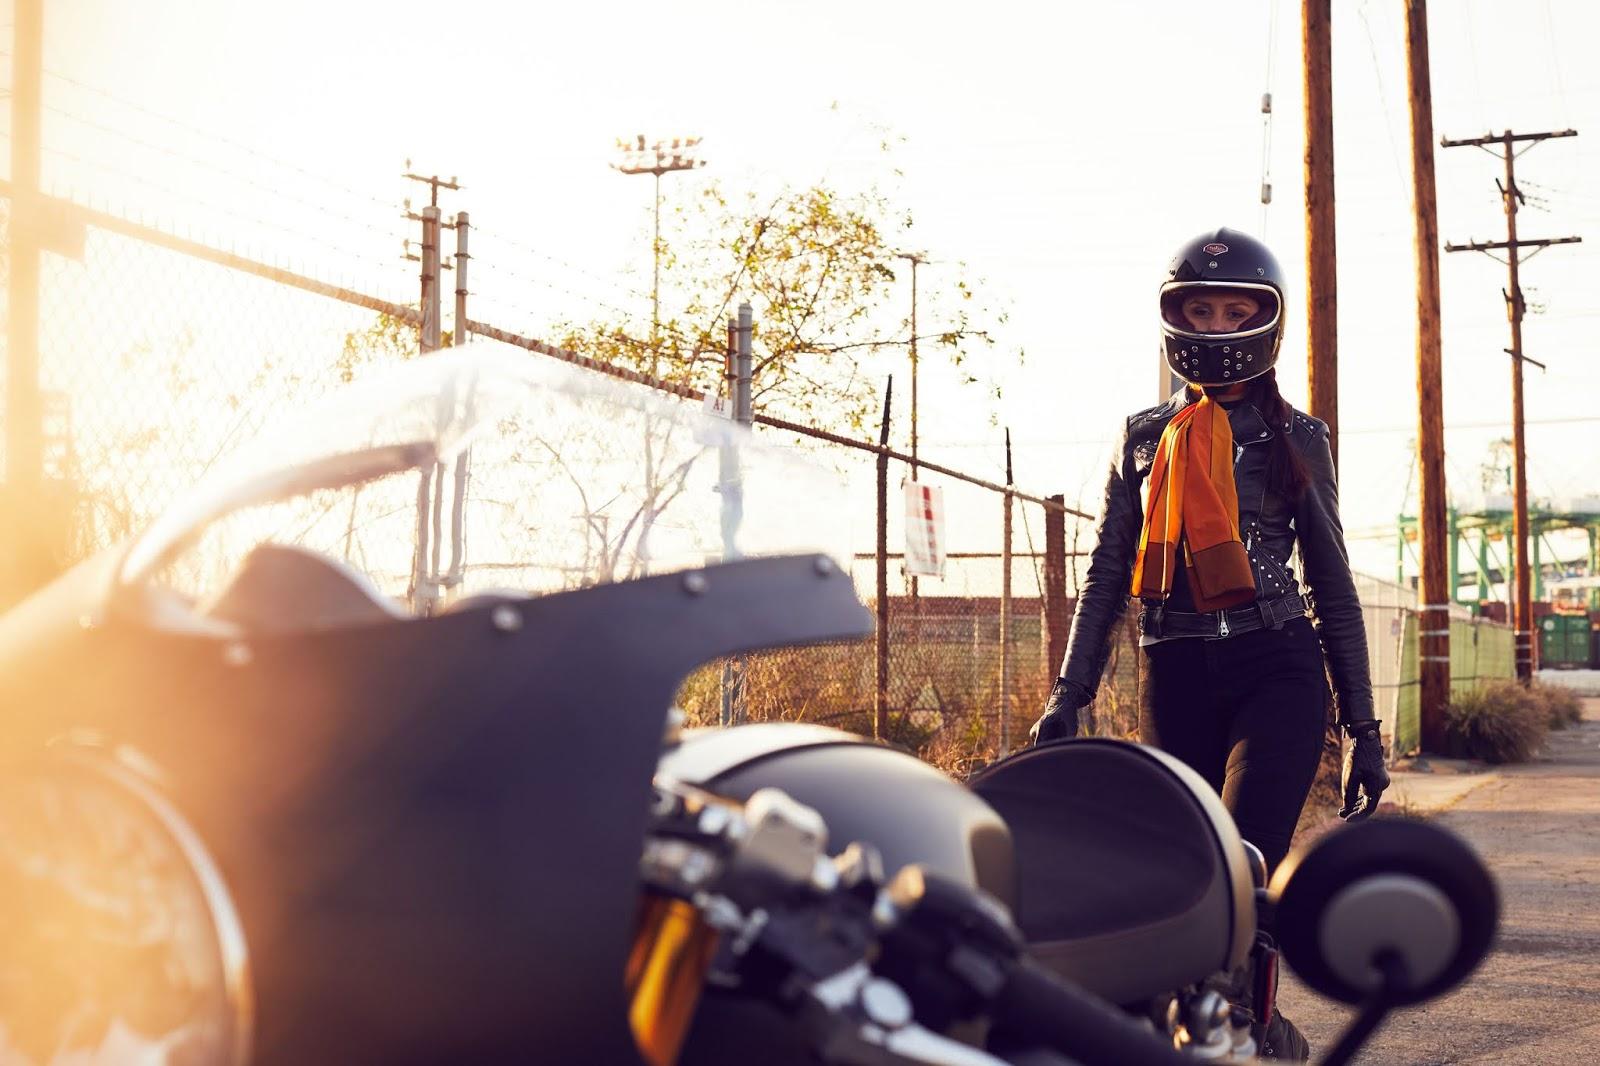 Джефф Стоквелл: Быстрая девушка (фото)